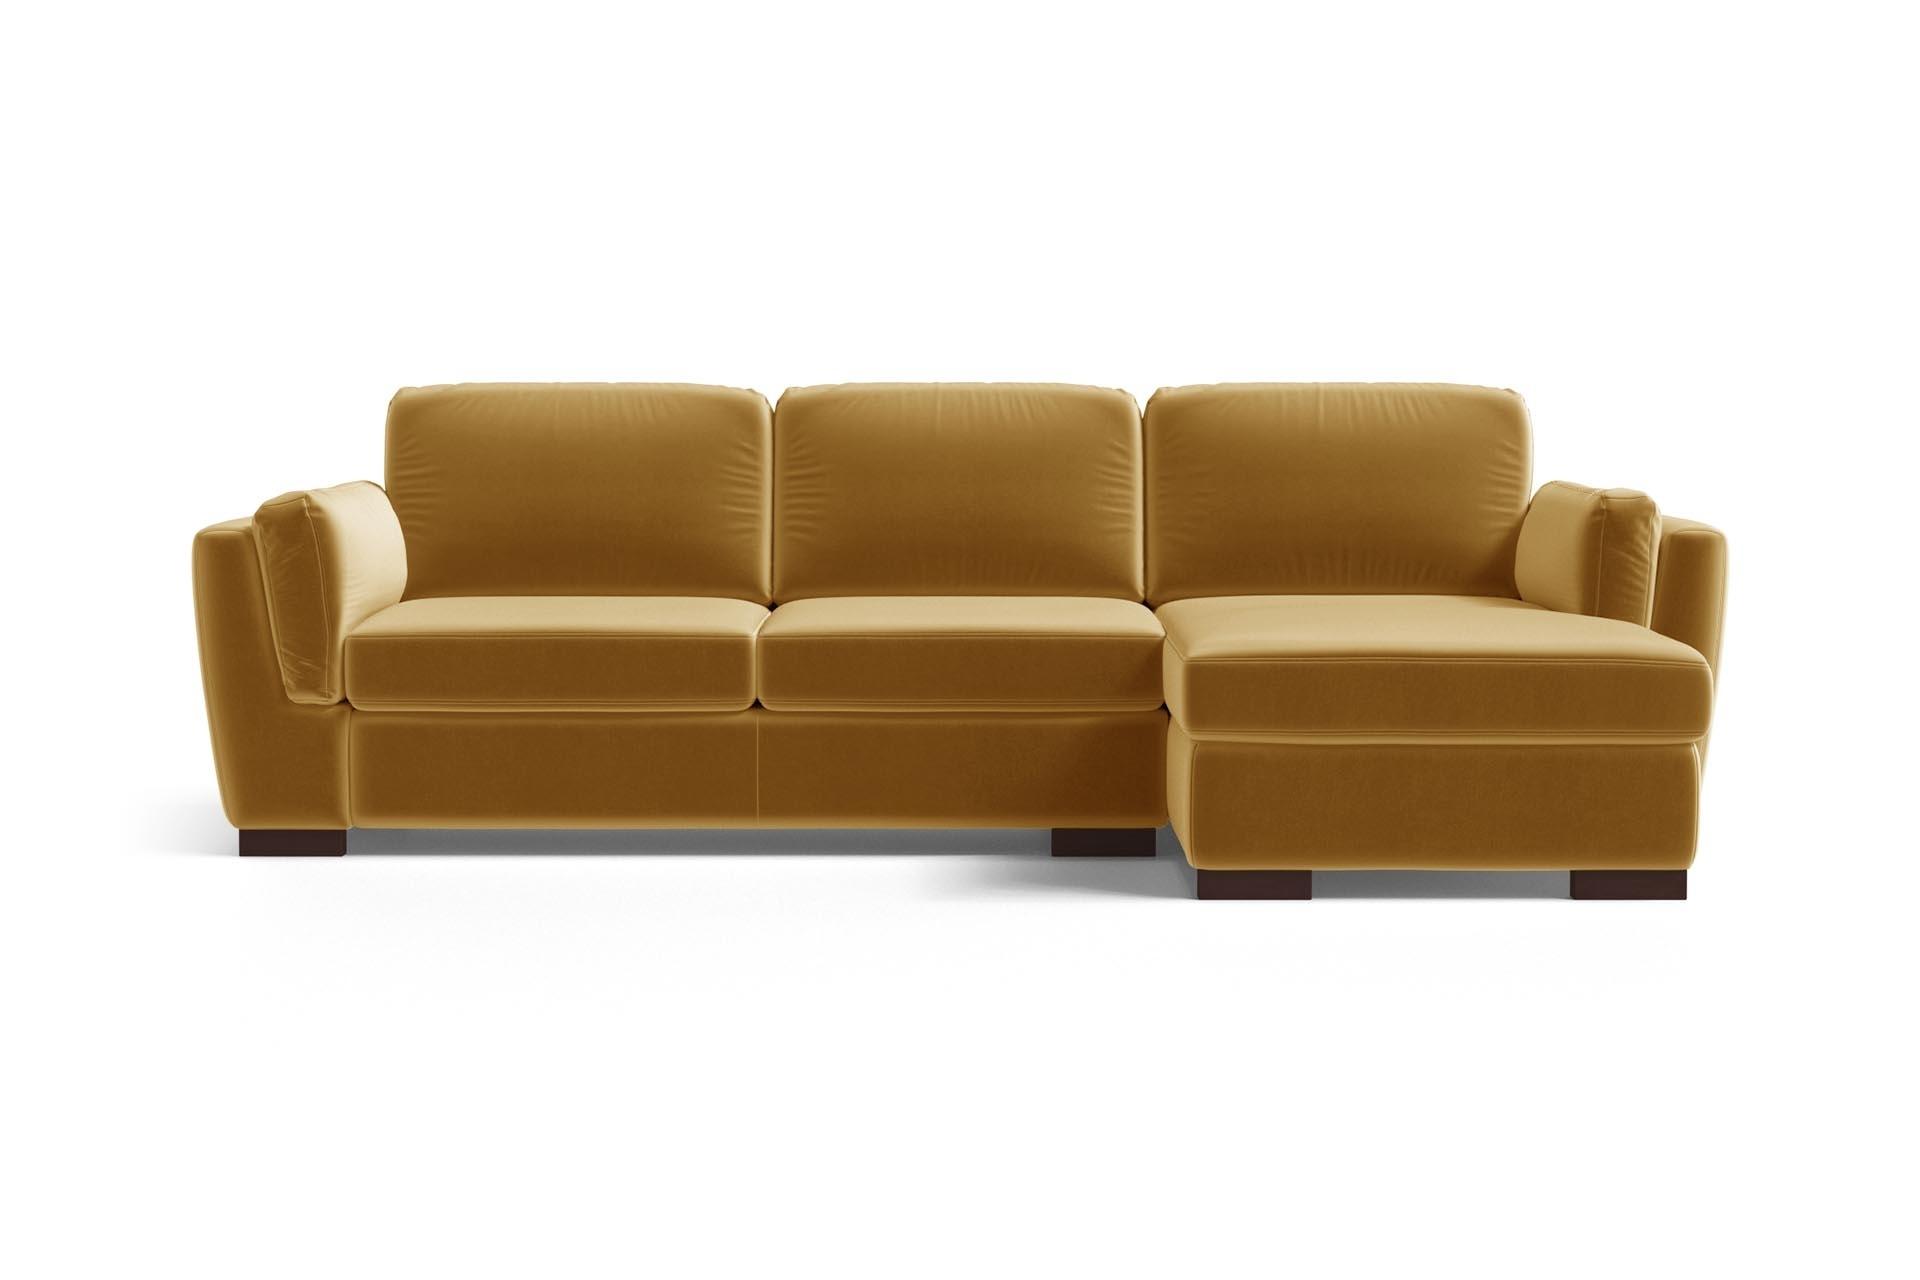 Canapé d'angle droit 4 places en velours moutarde